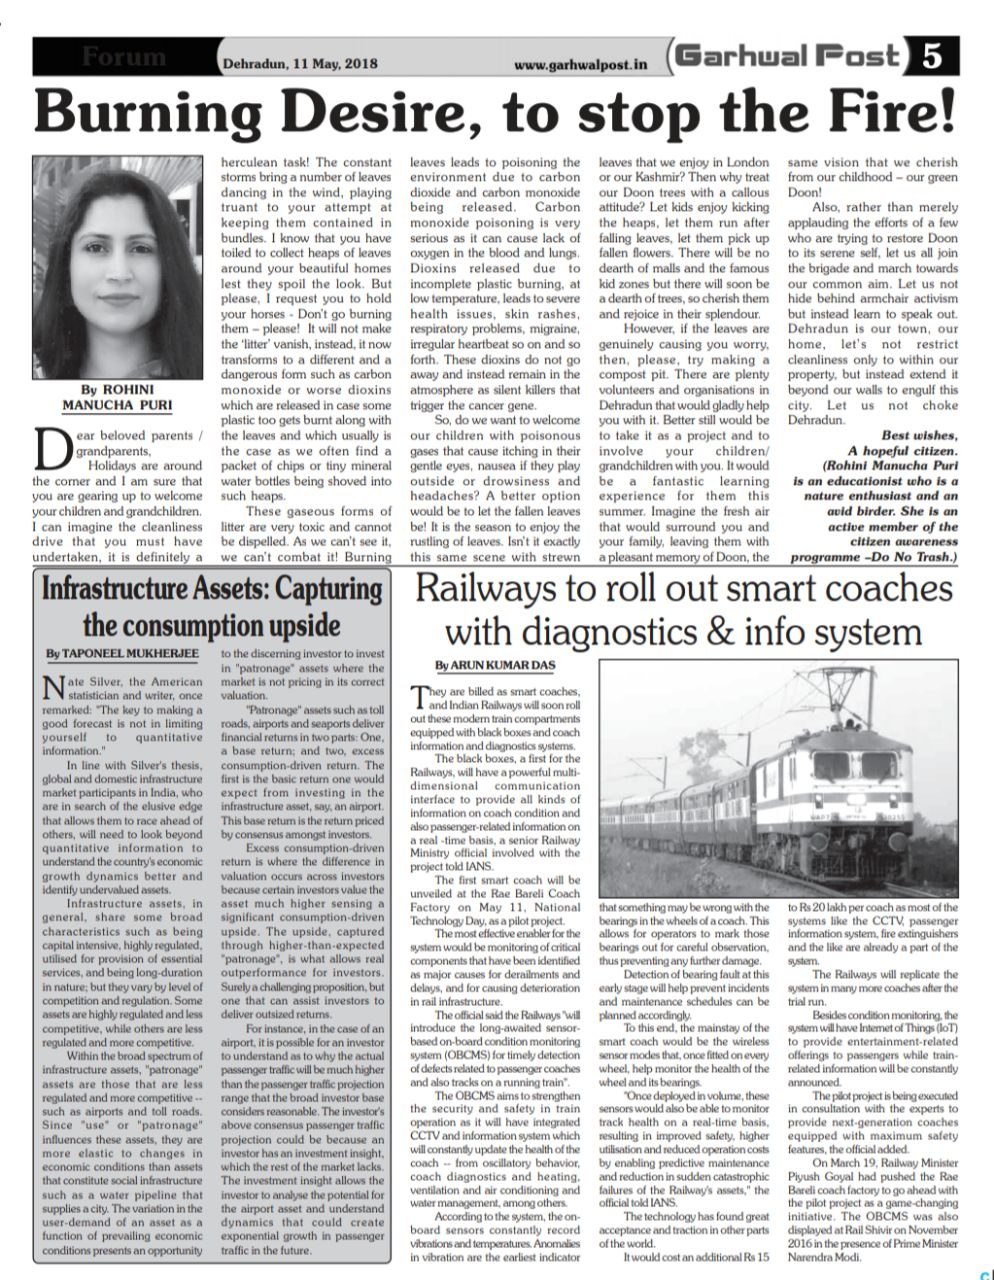 Rohini writes about trash burning